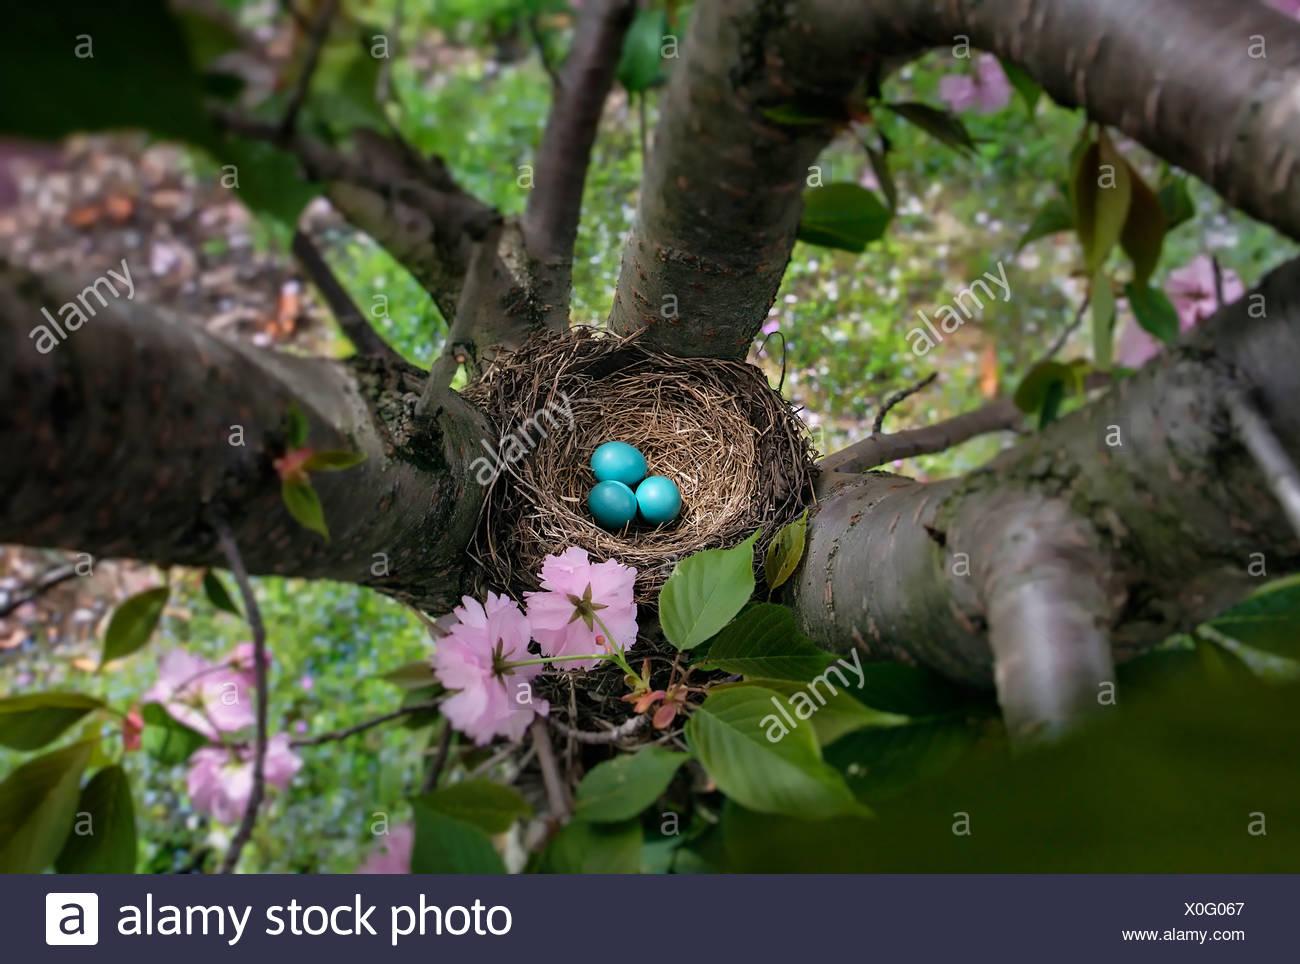 Robin's Nest Eier, Turdus migratorius Stockbild